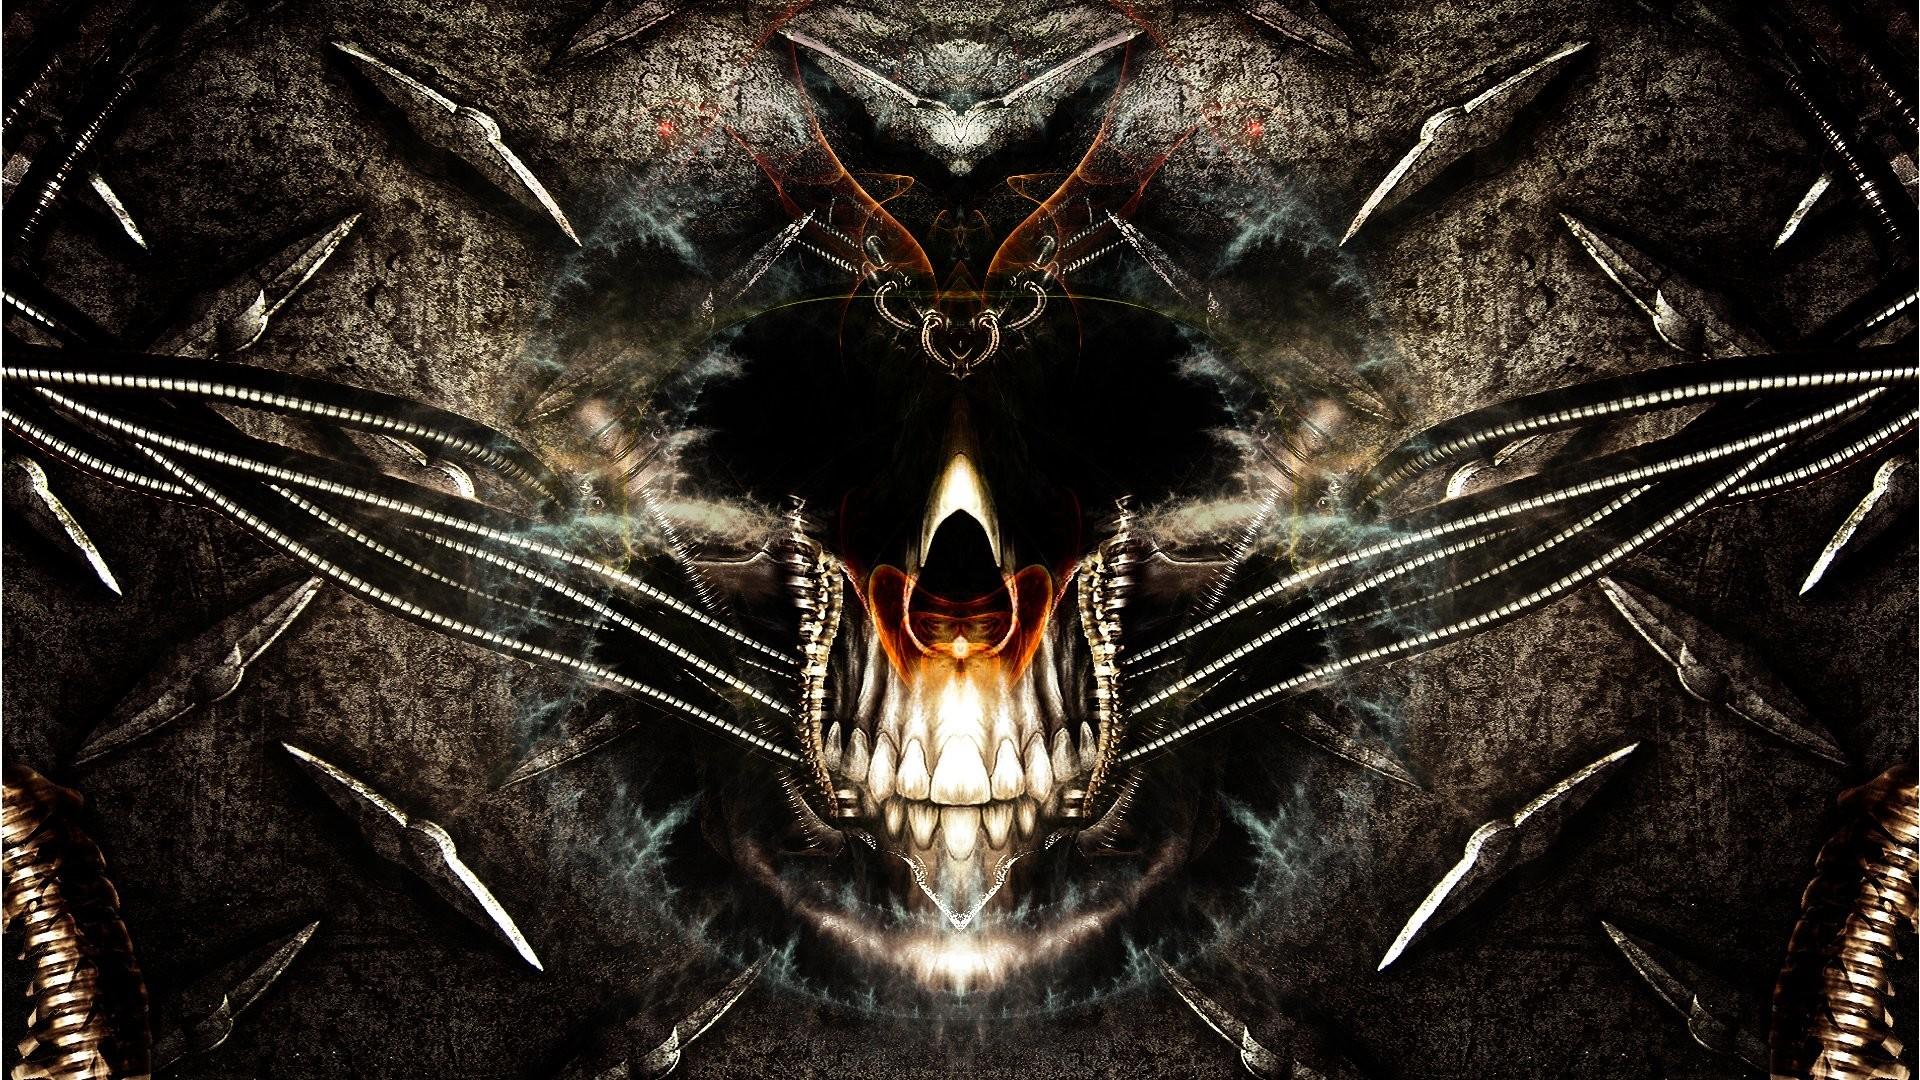 Techno Skull 585079